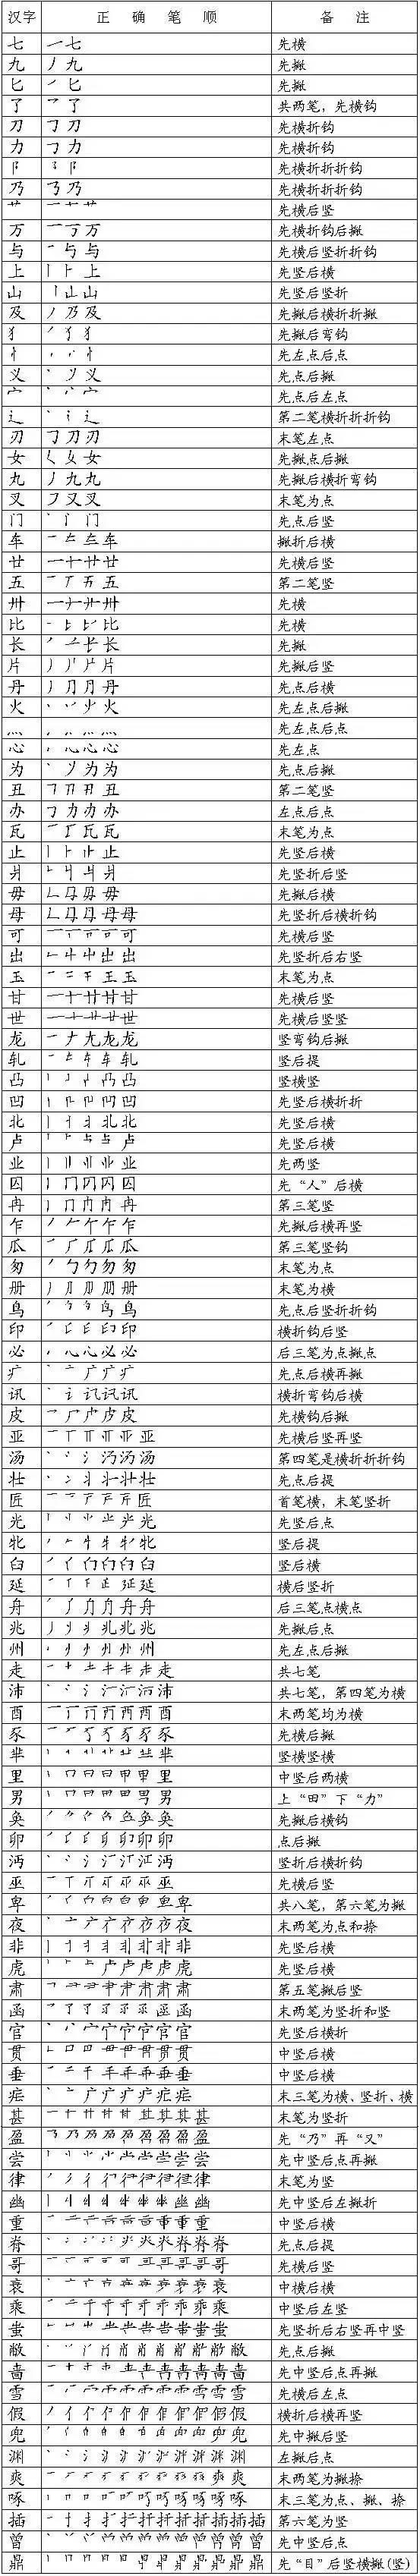 旁的笔画顺序-生会写错的汉字笔顺及正确写法,拿走 年度精选